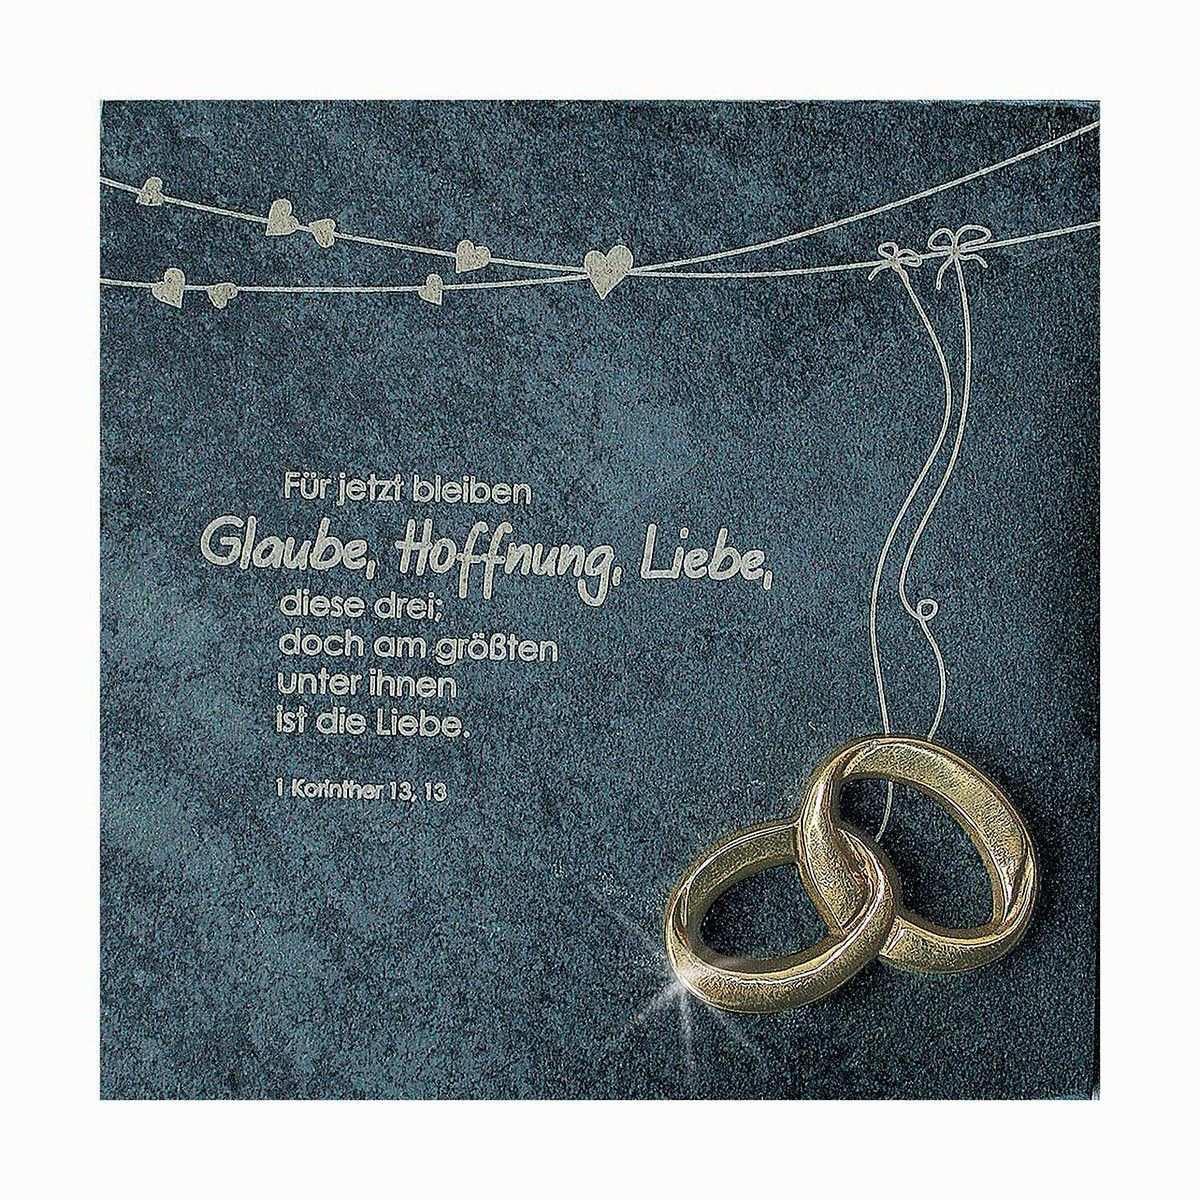 Geschenke Zu Hochzeit Ehejubilaum Hier Im Shop Kaufen Geschenk Hochzeit Spruche Hochzeit Geschenke